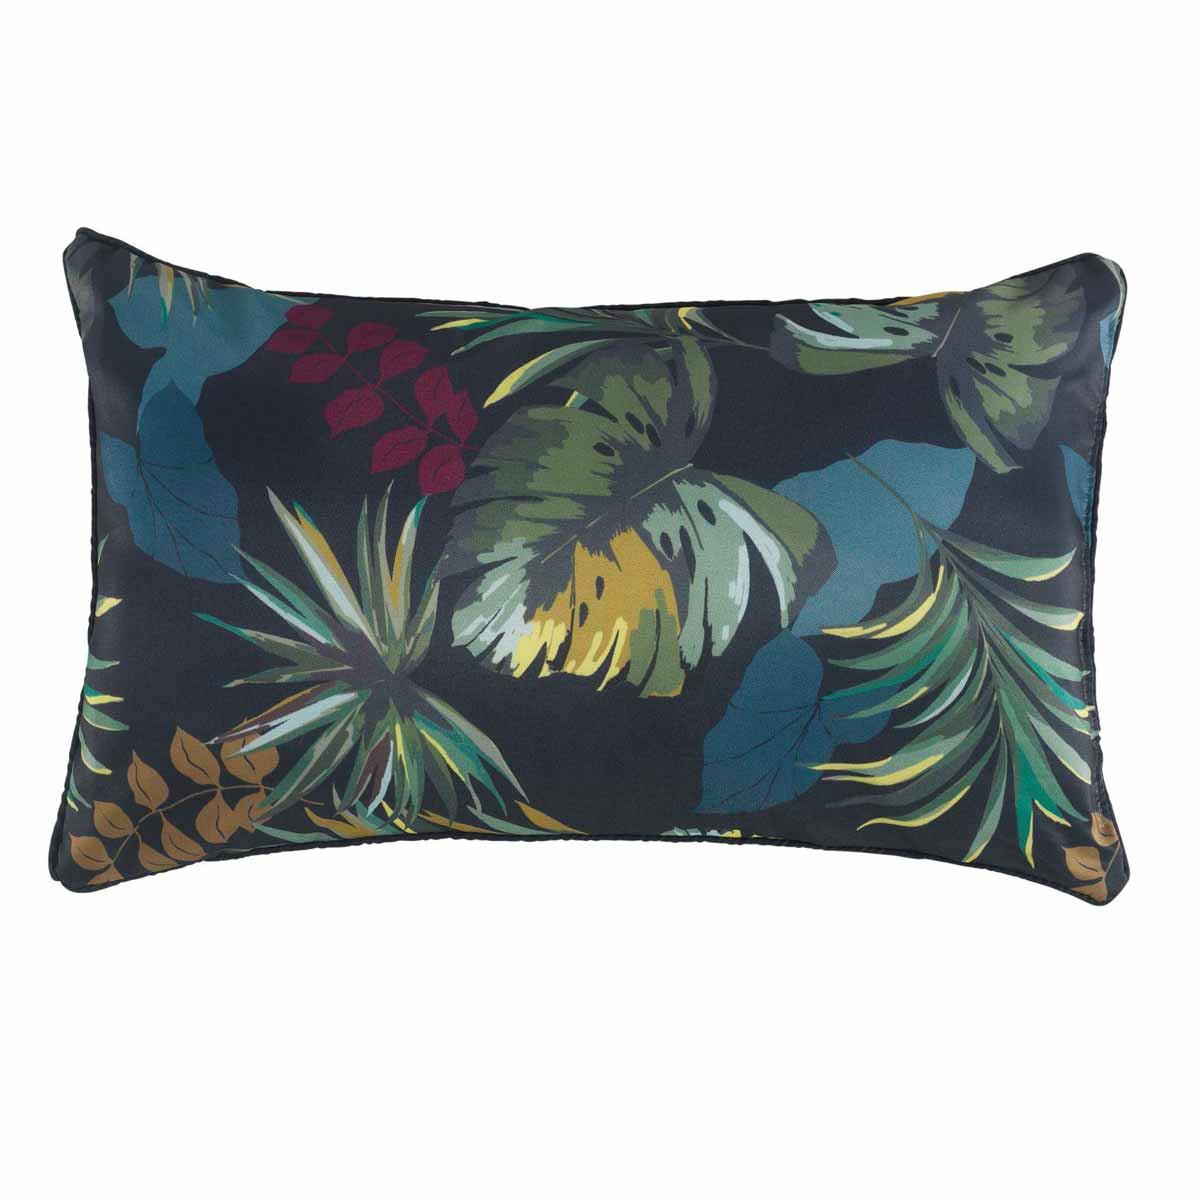 Διακοσμητικό Μαξιλάρι (30×50) Botanica 1408242